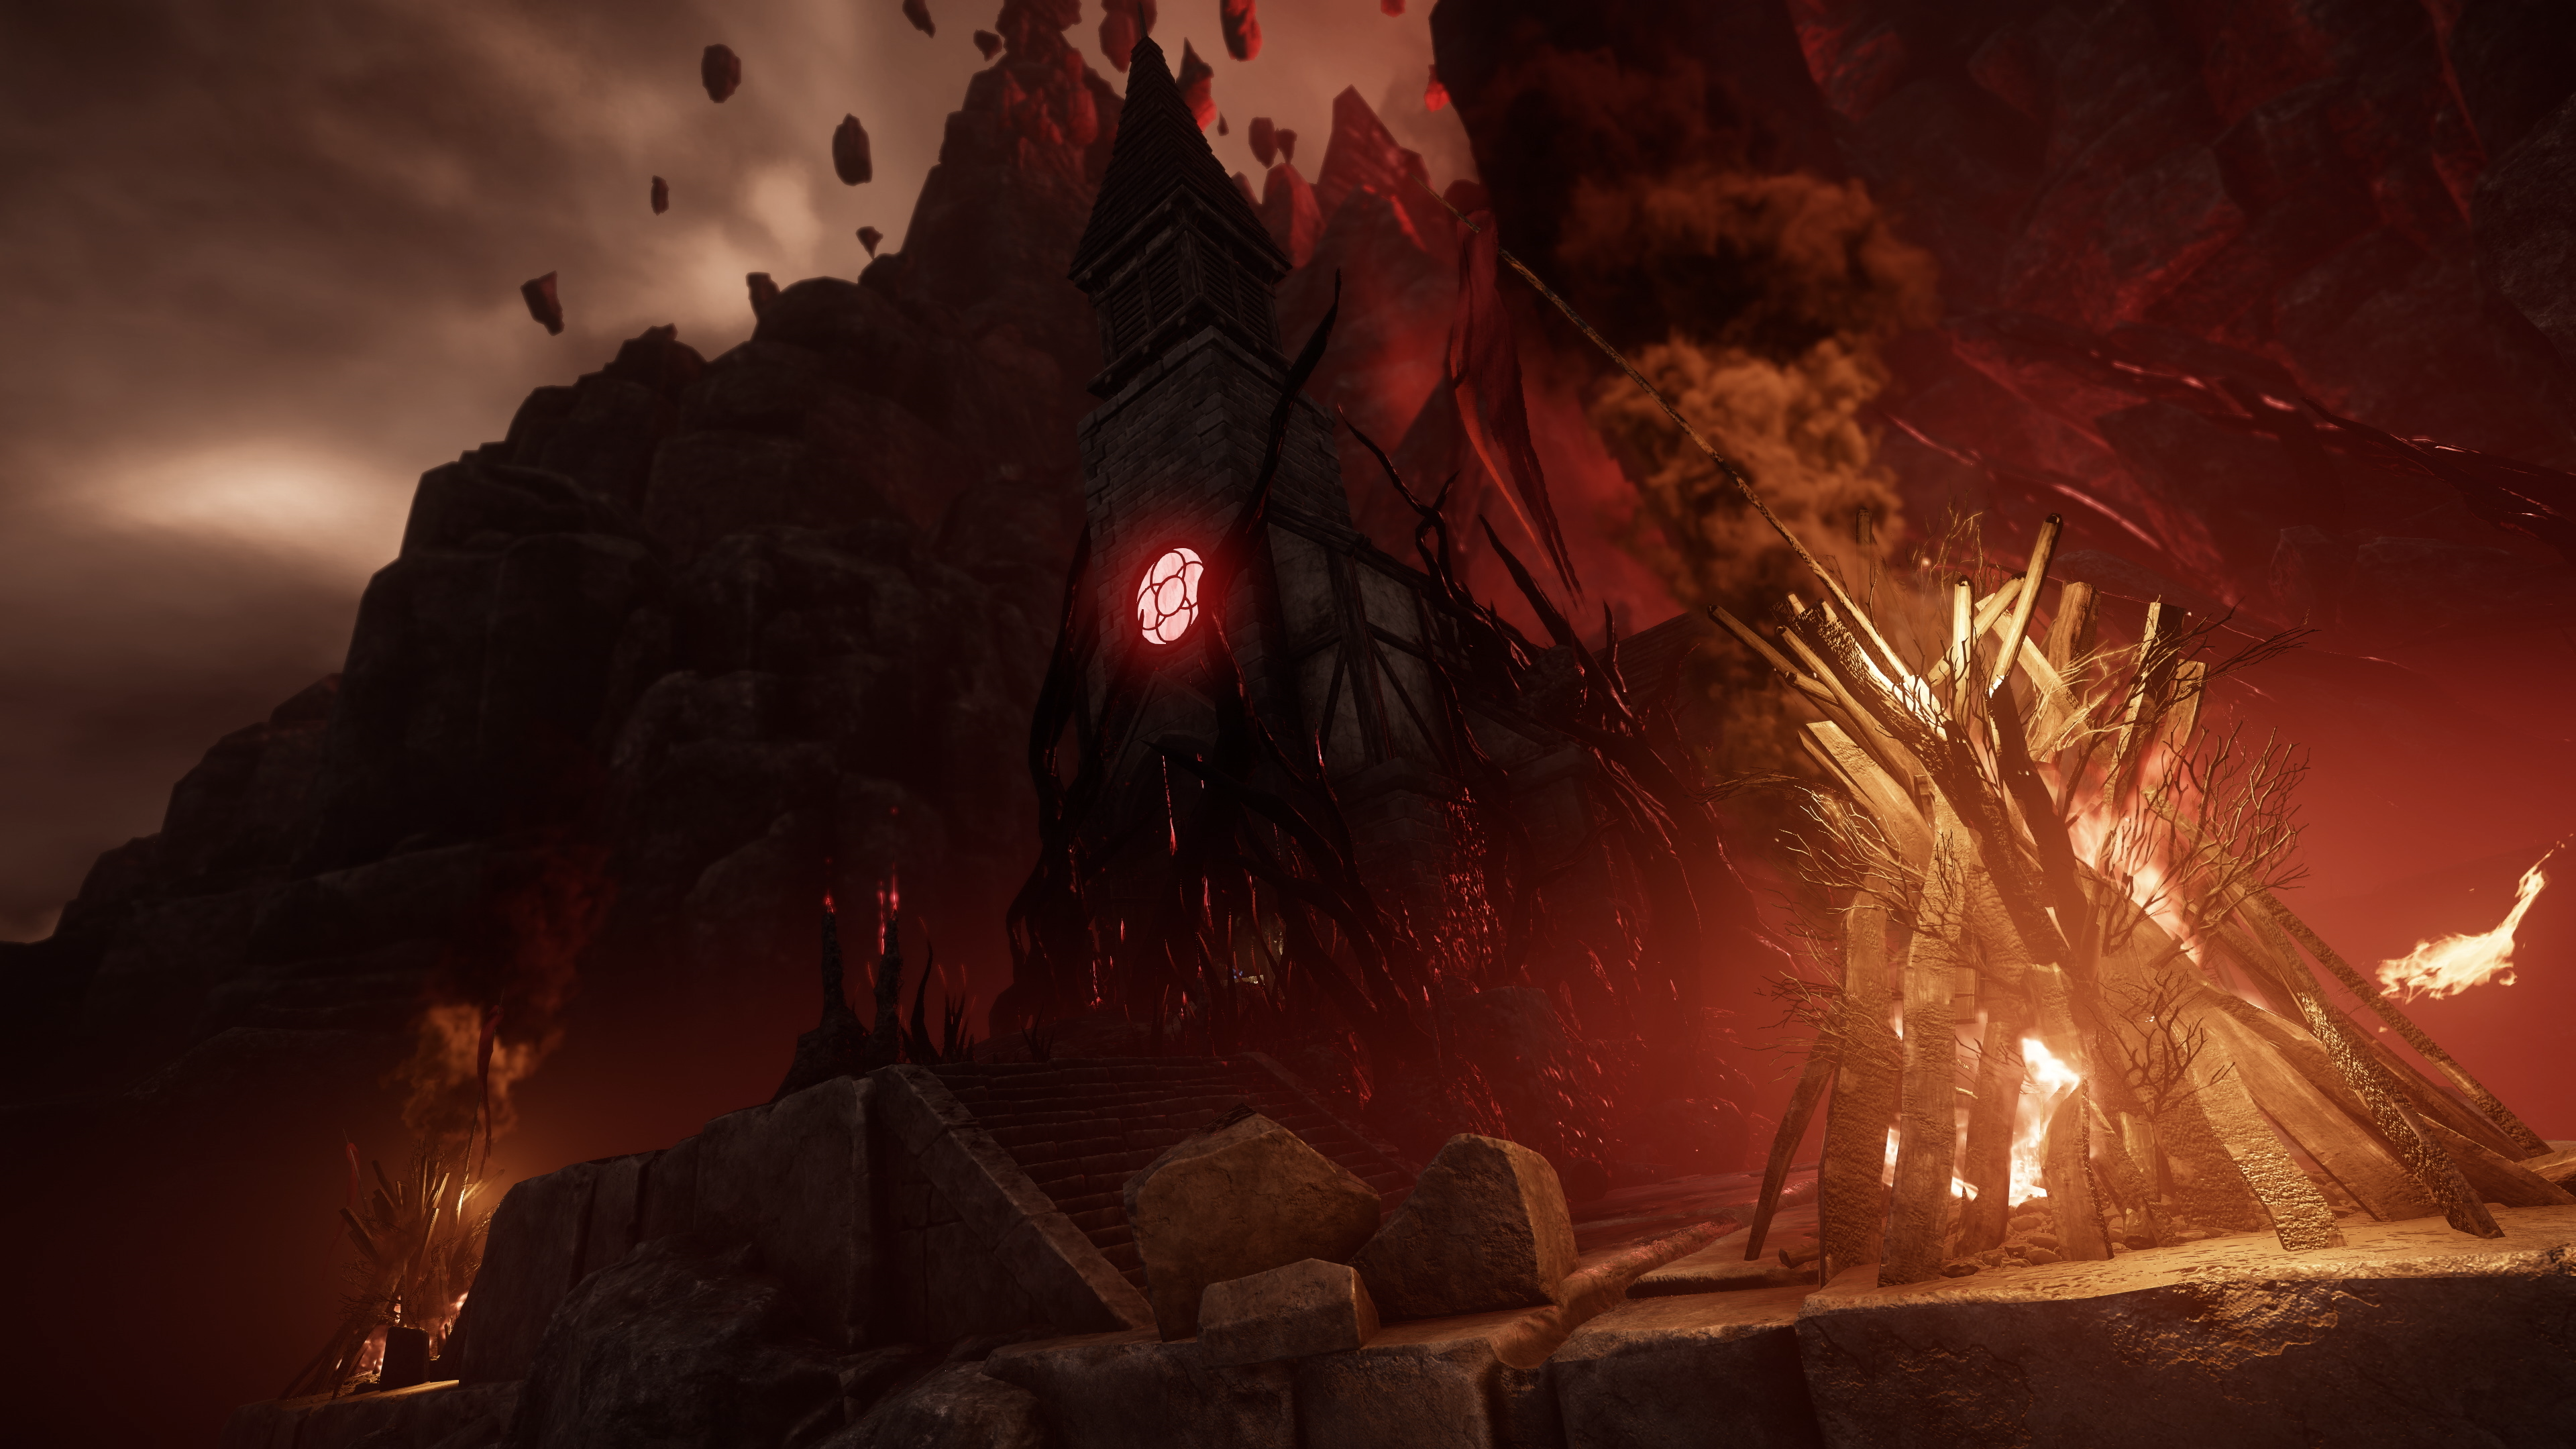 Nareszcie, Sauron powró... A nie, przepraszam, pomyłka. (źródło: Amazon Game Studios)